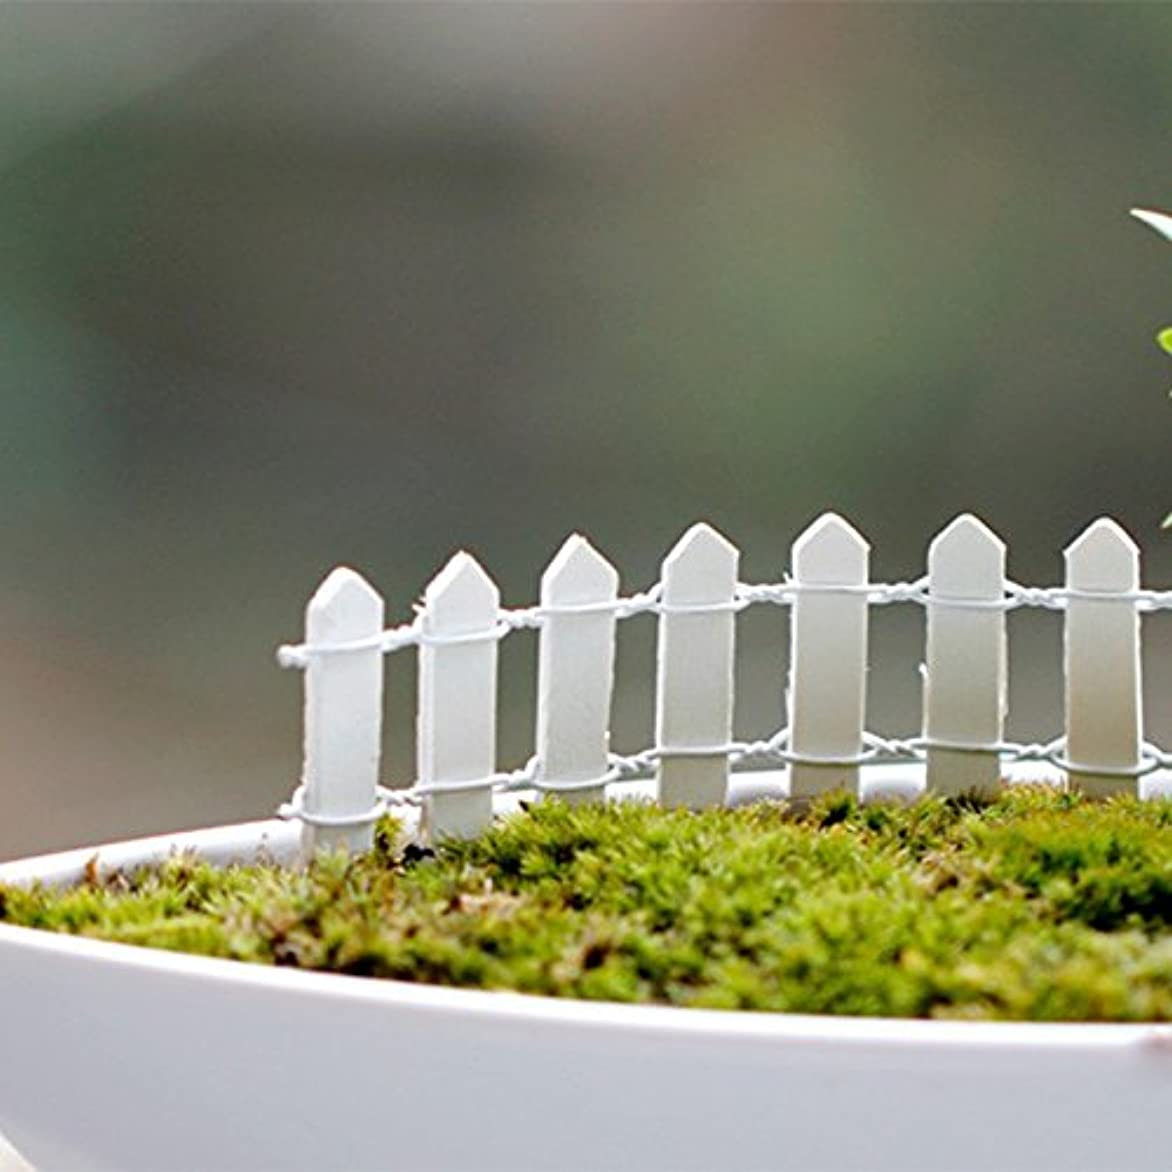 悪い通貨警告するJicorzo - 20個DIY木製の小さなフェンスモステラリウム植木鉢工芸ミニおもちゃフェアリーガーデンミニチュア[ホワイト]